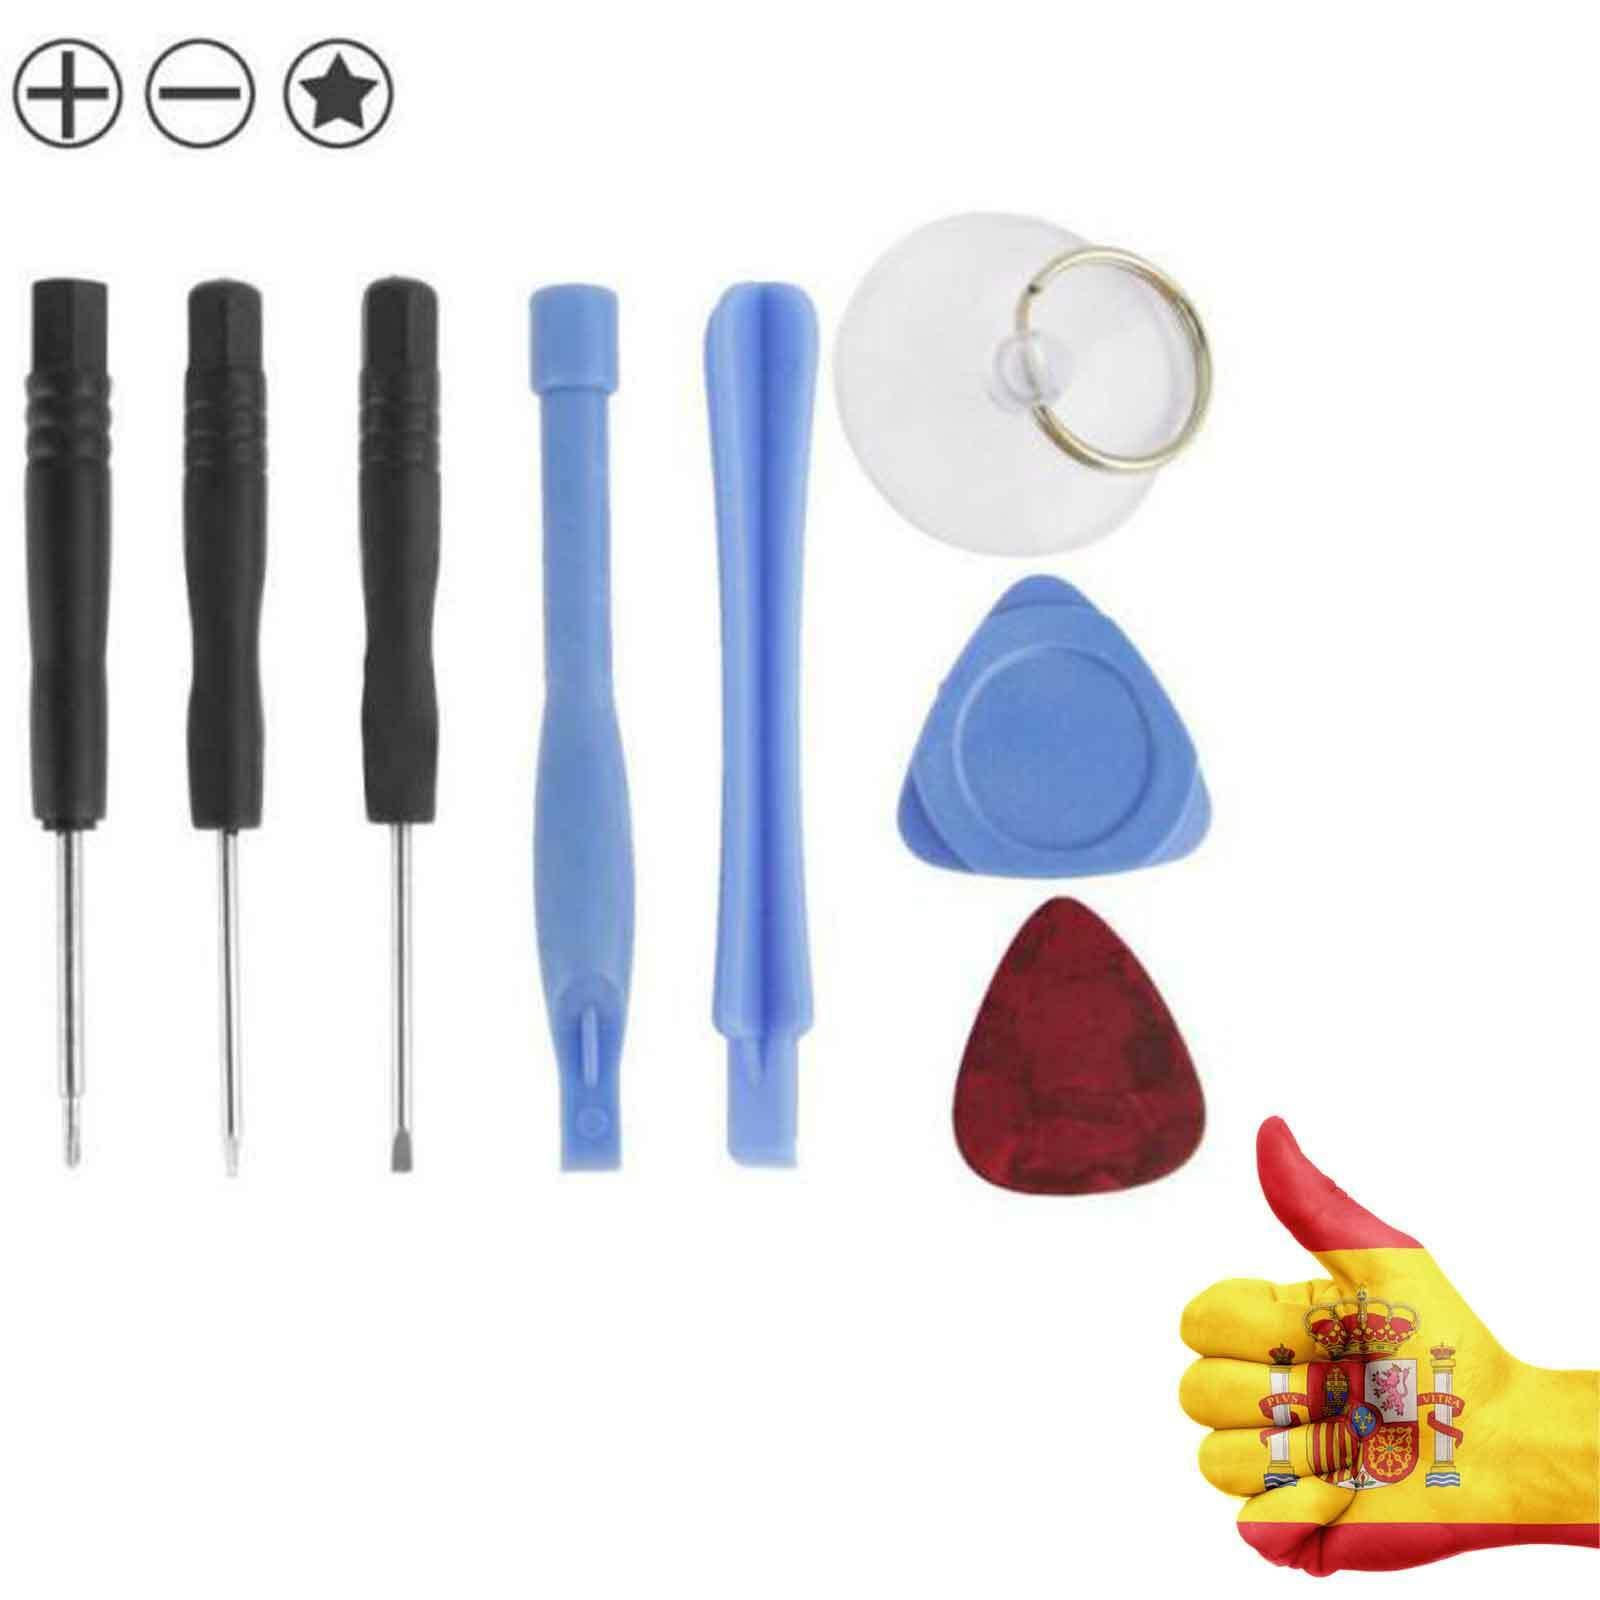 Kit Repair Tools Mobile Phone Screen Opening Tool Set Screwdriver Set